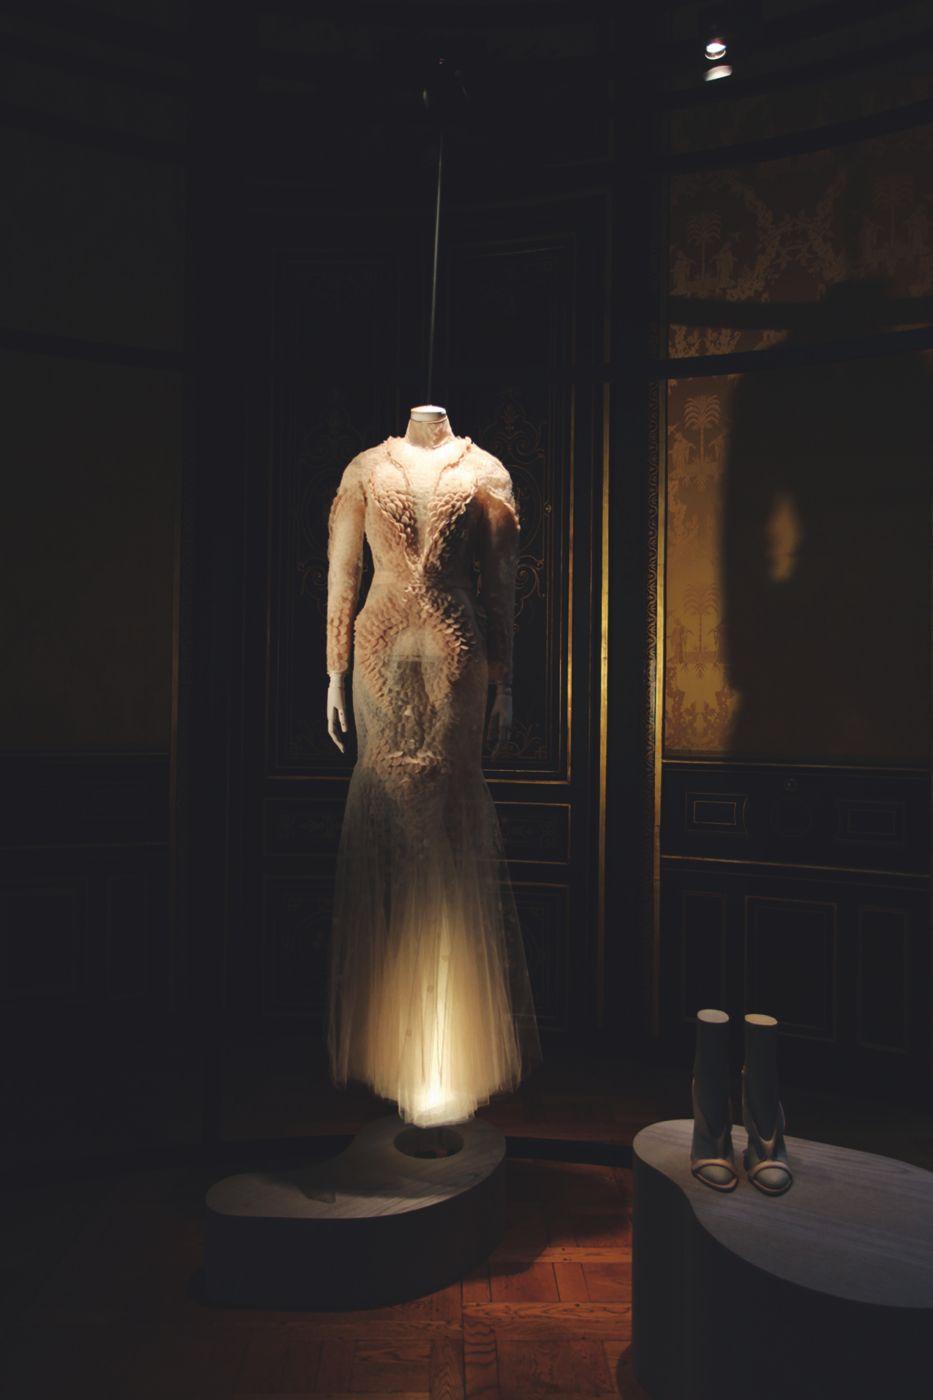 Les Salon Haute Couture Givenchy - Les Journées Particulières